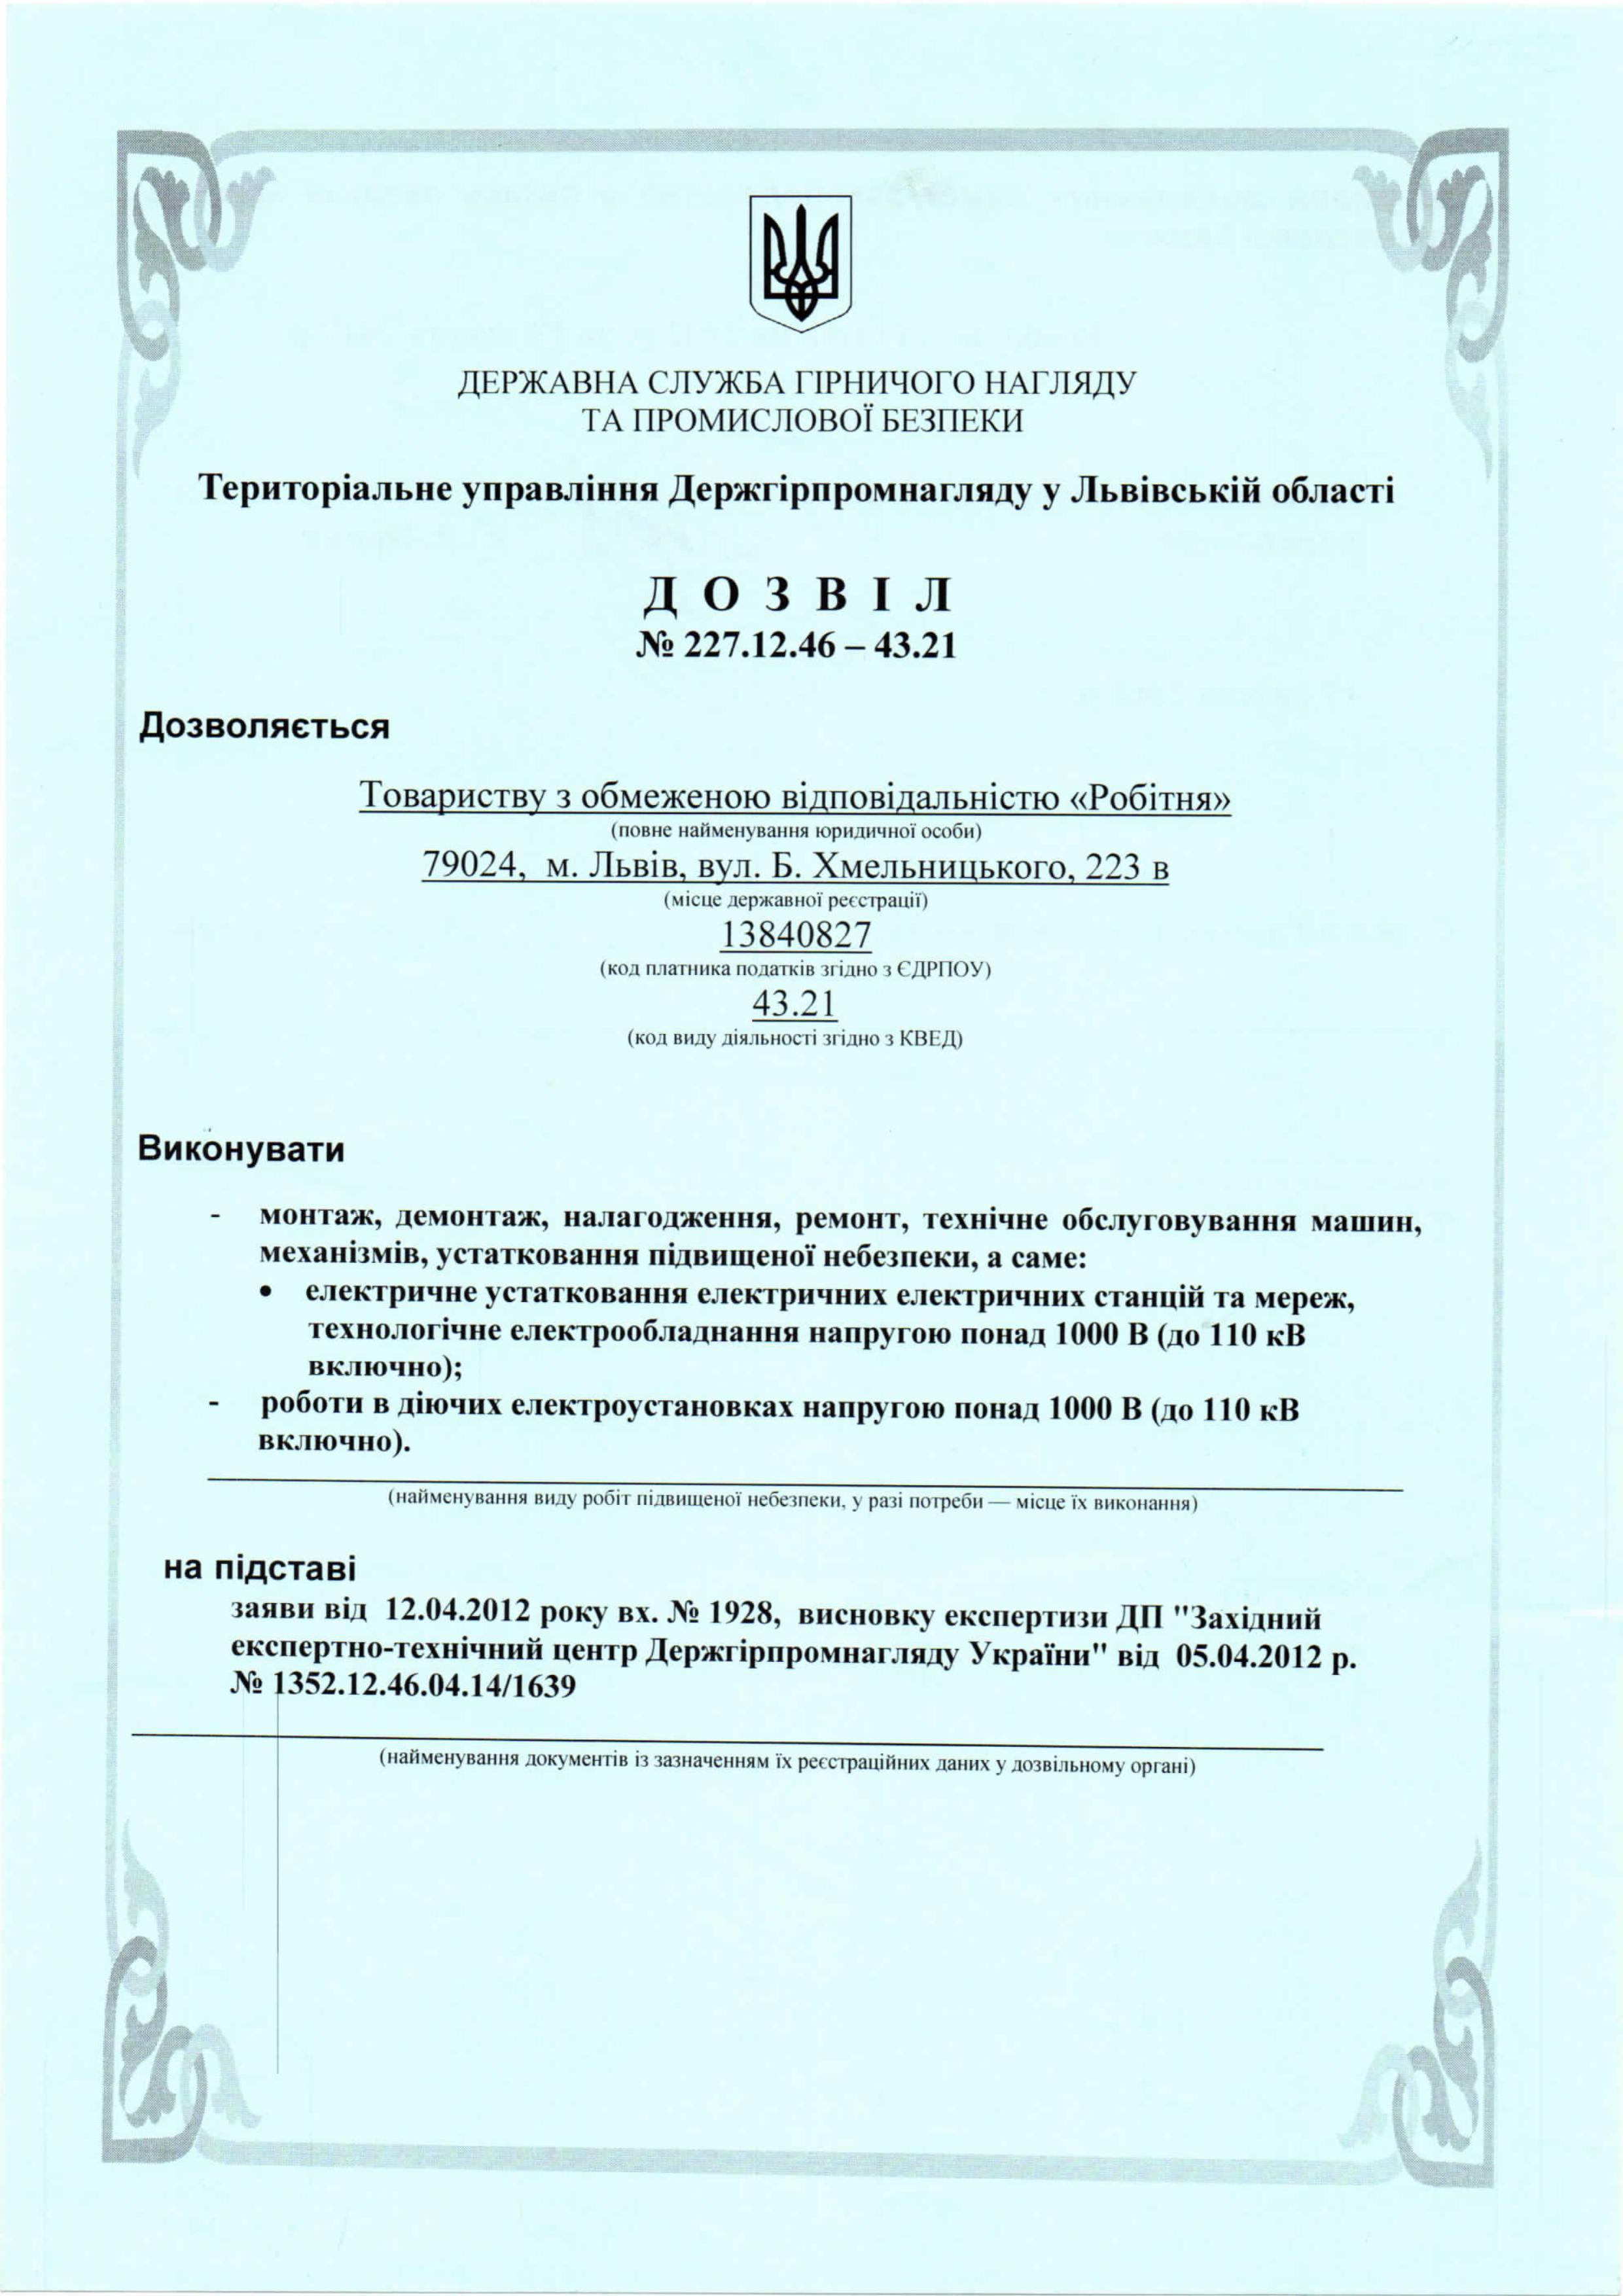 Дозвіл-253.11.46-45.31.0